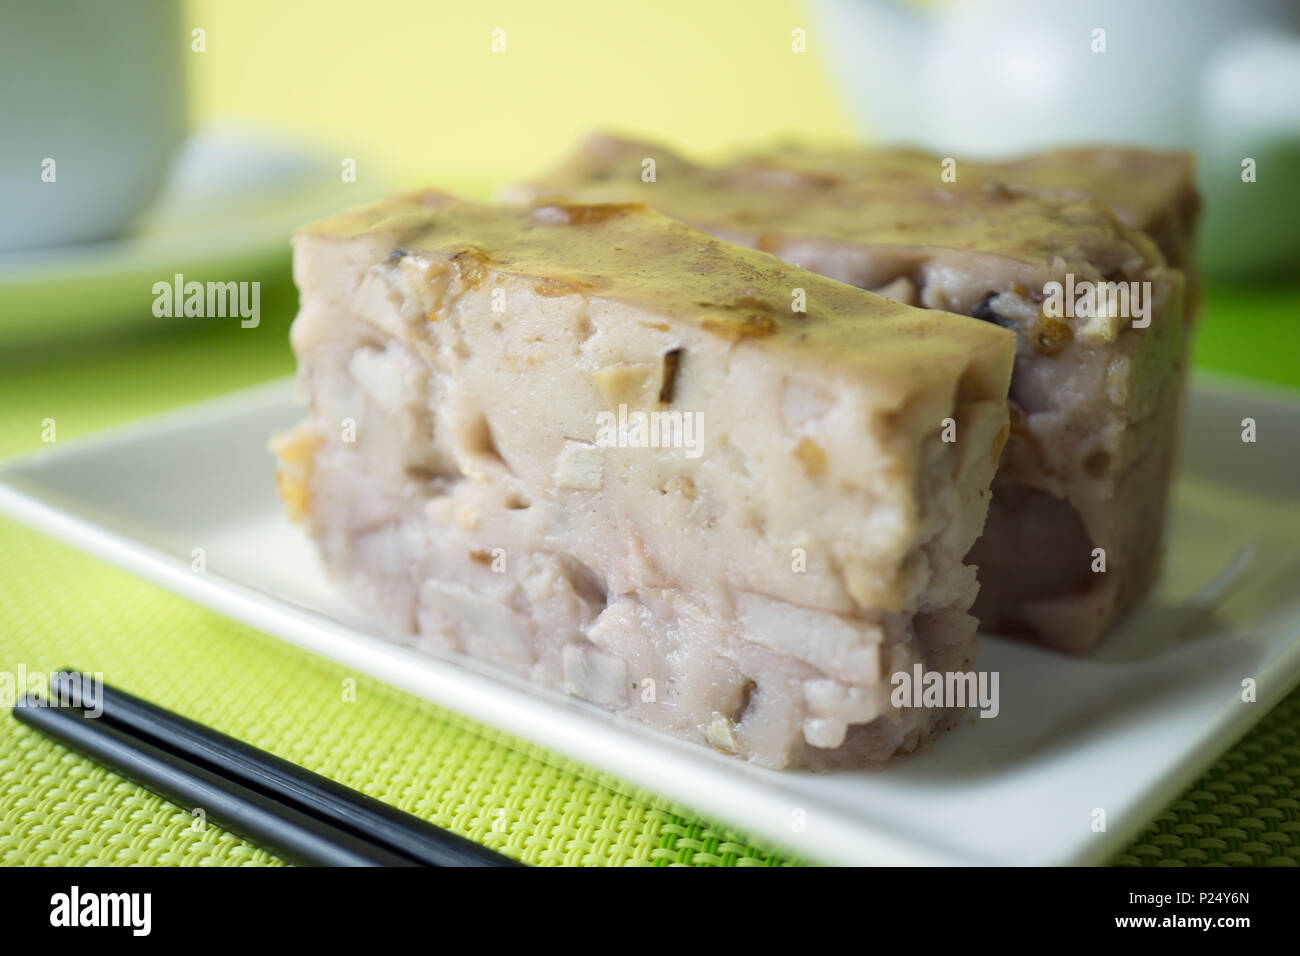 Chinese style homemade yam cake Stock Photo